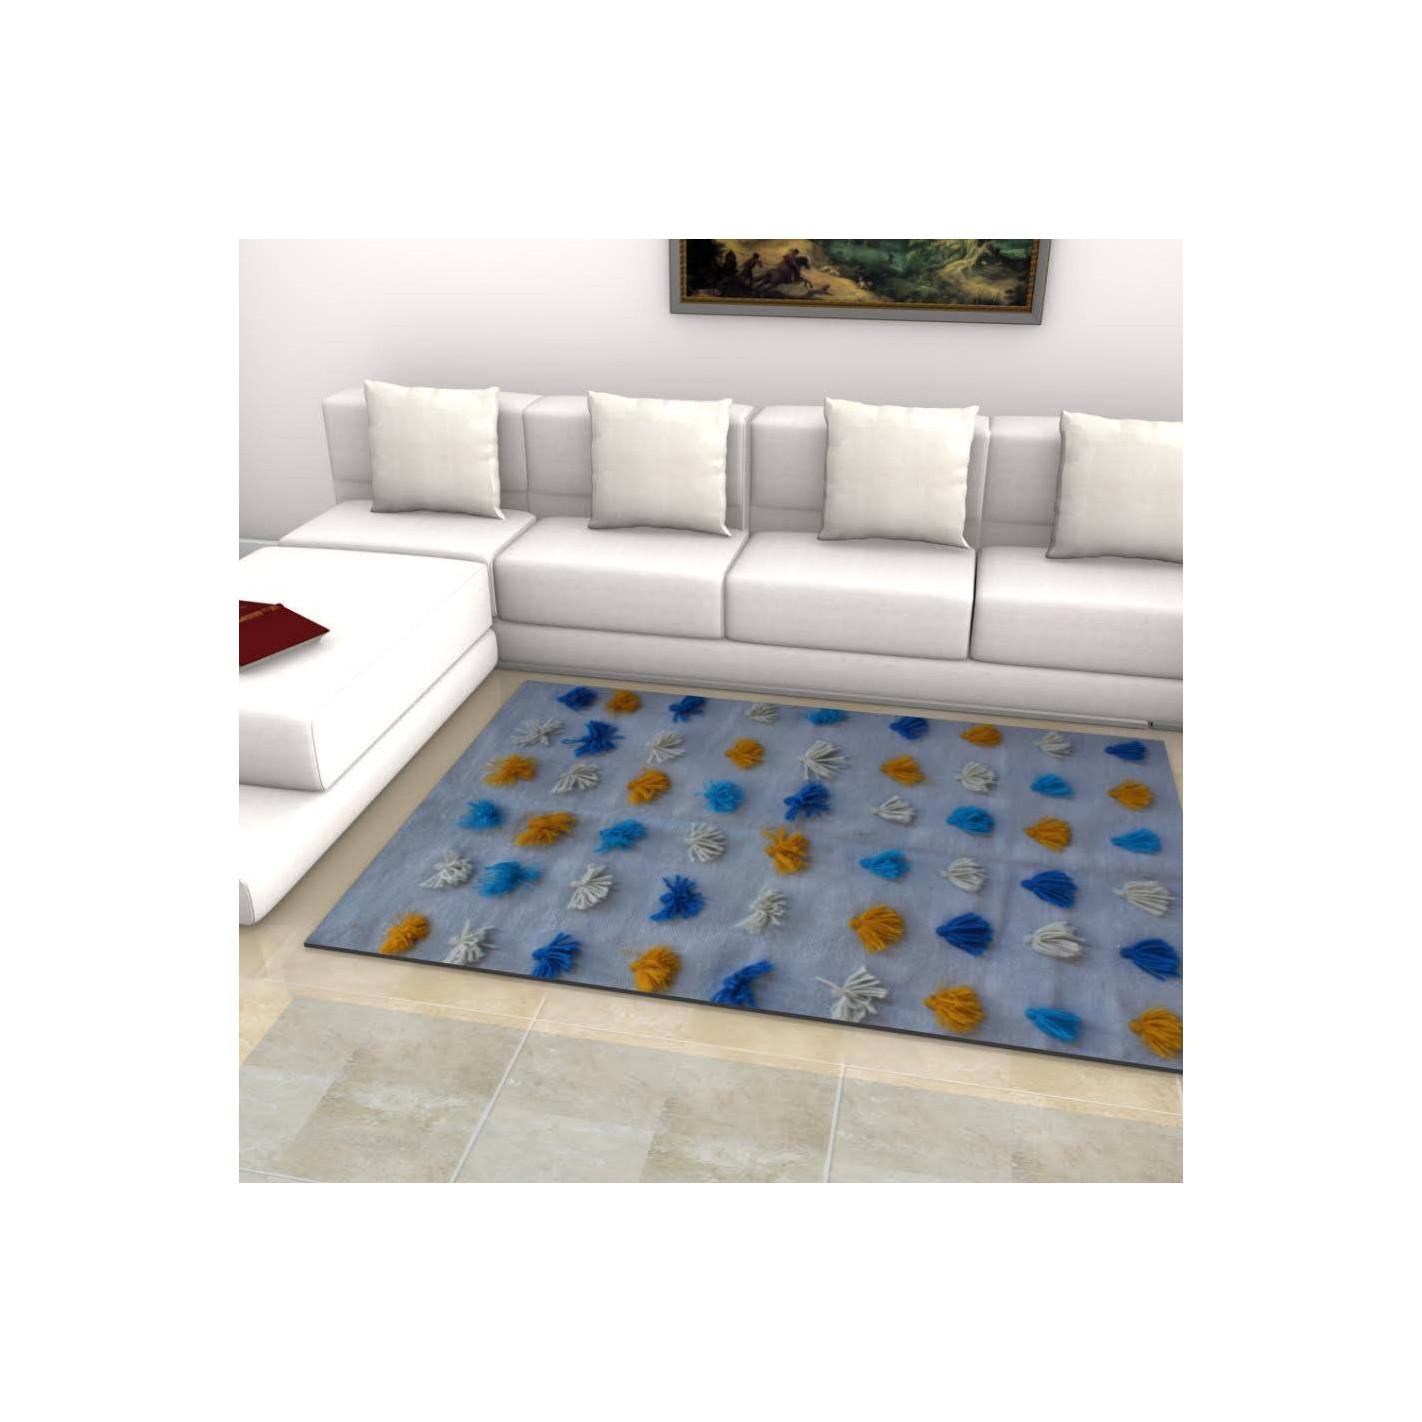 tapis bleu avec des boutons color s margoom. Black Bedroom Furniture Sets. Home Design Ideas